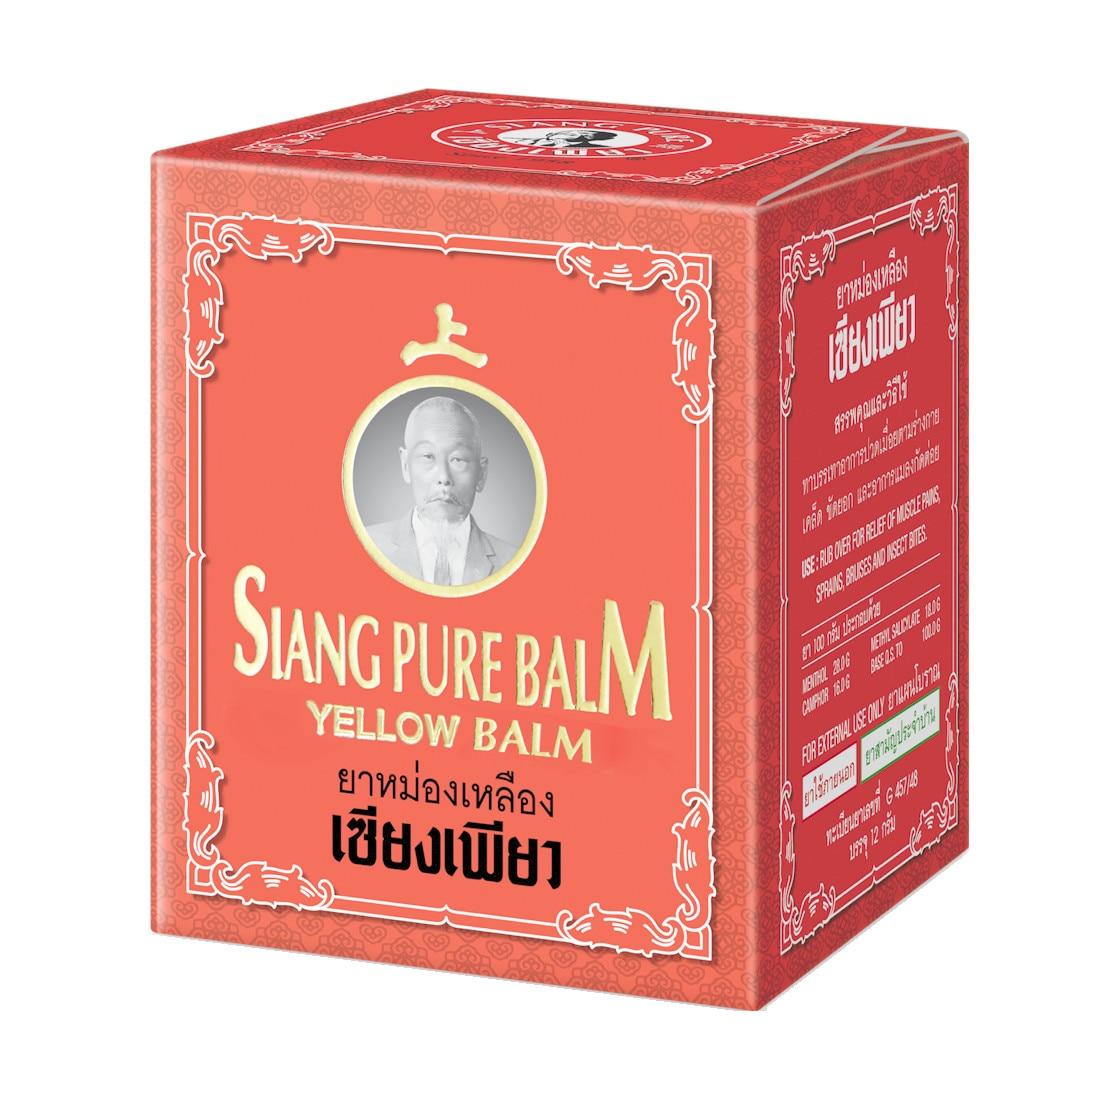 dureri articulare balsam Thailanda)